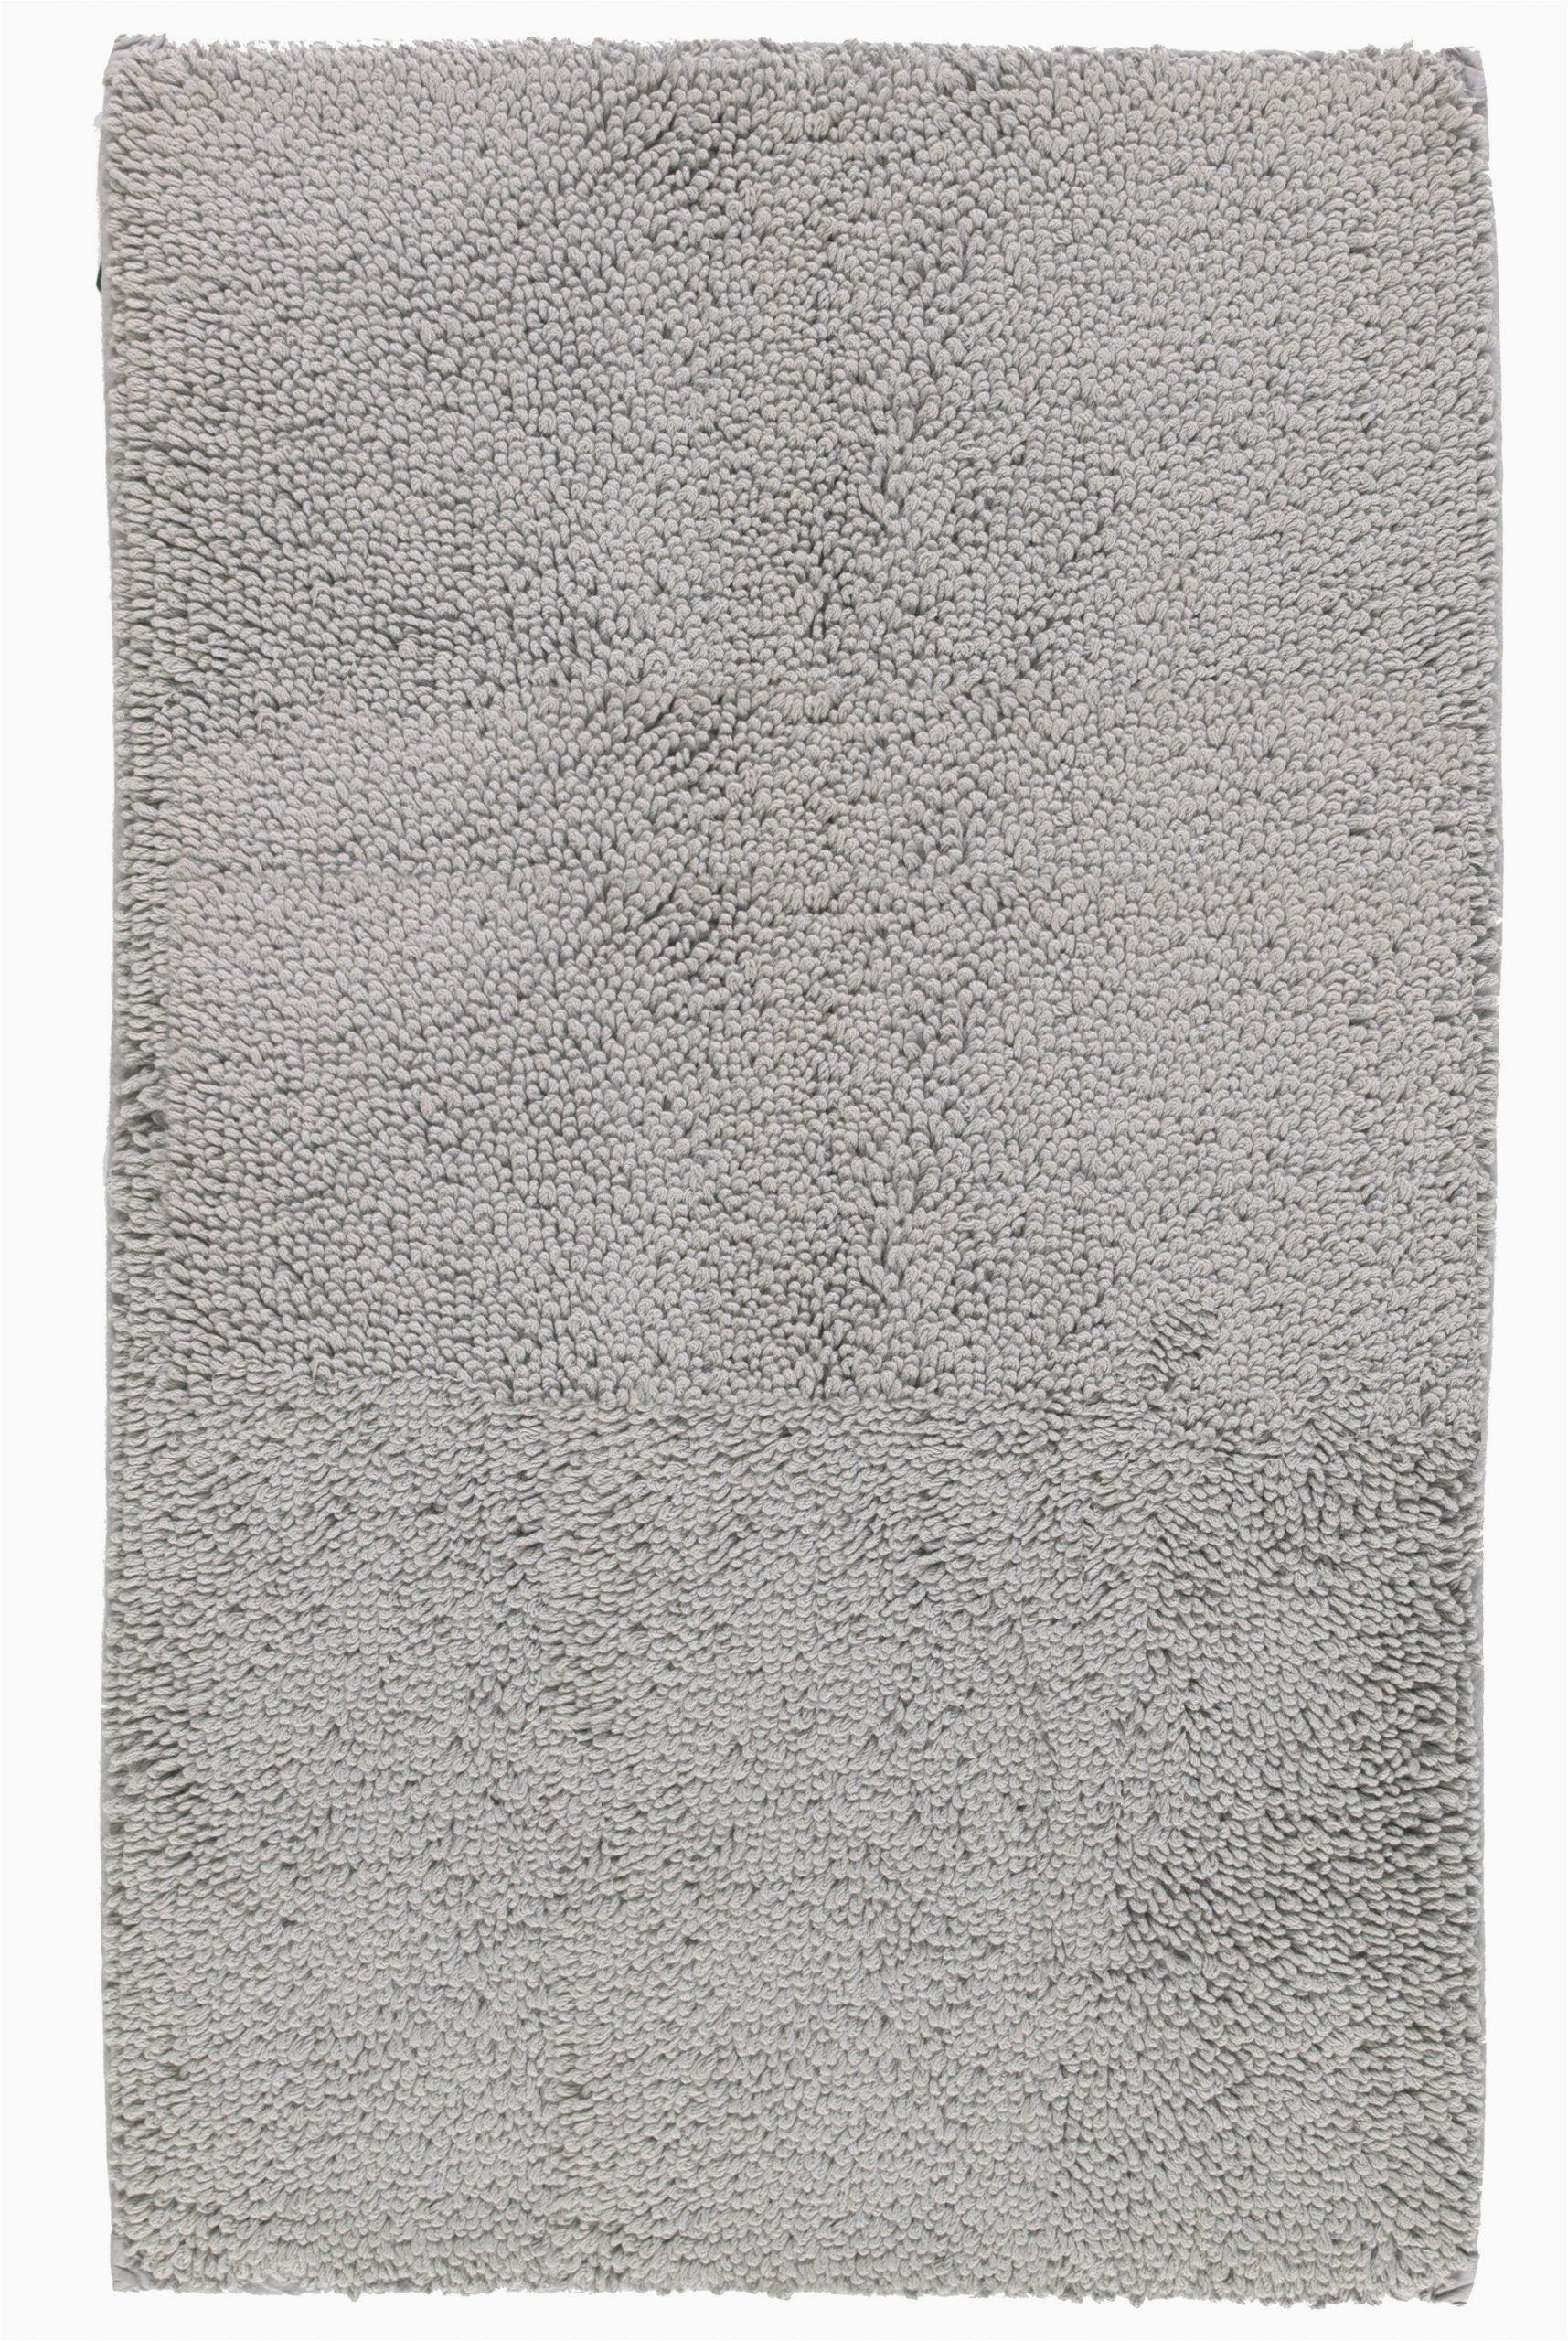 latitude run dinuba rectangle 100 cotton non slip bath rug w